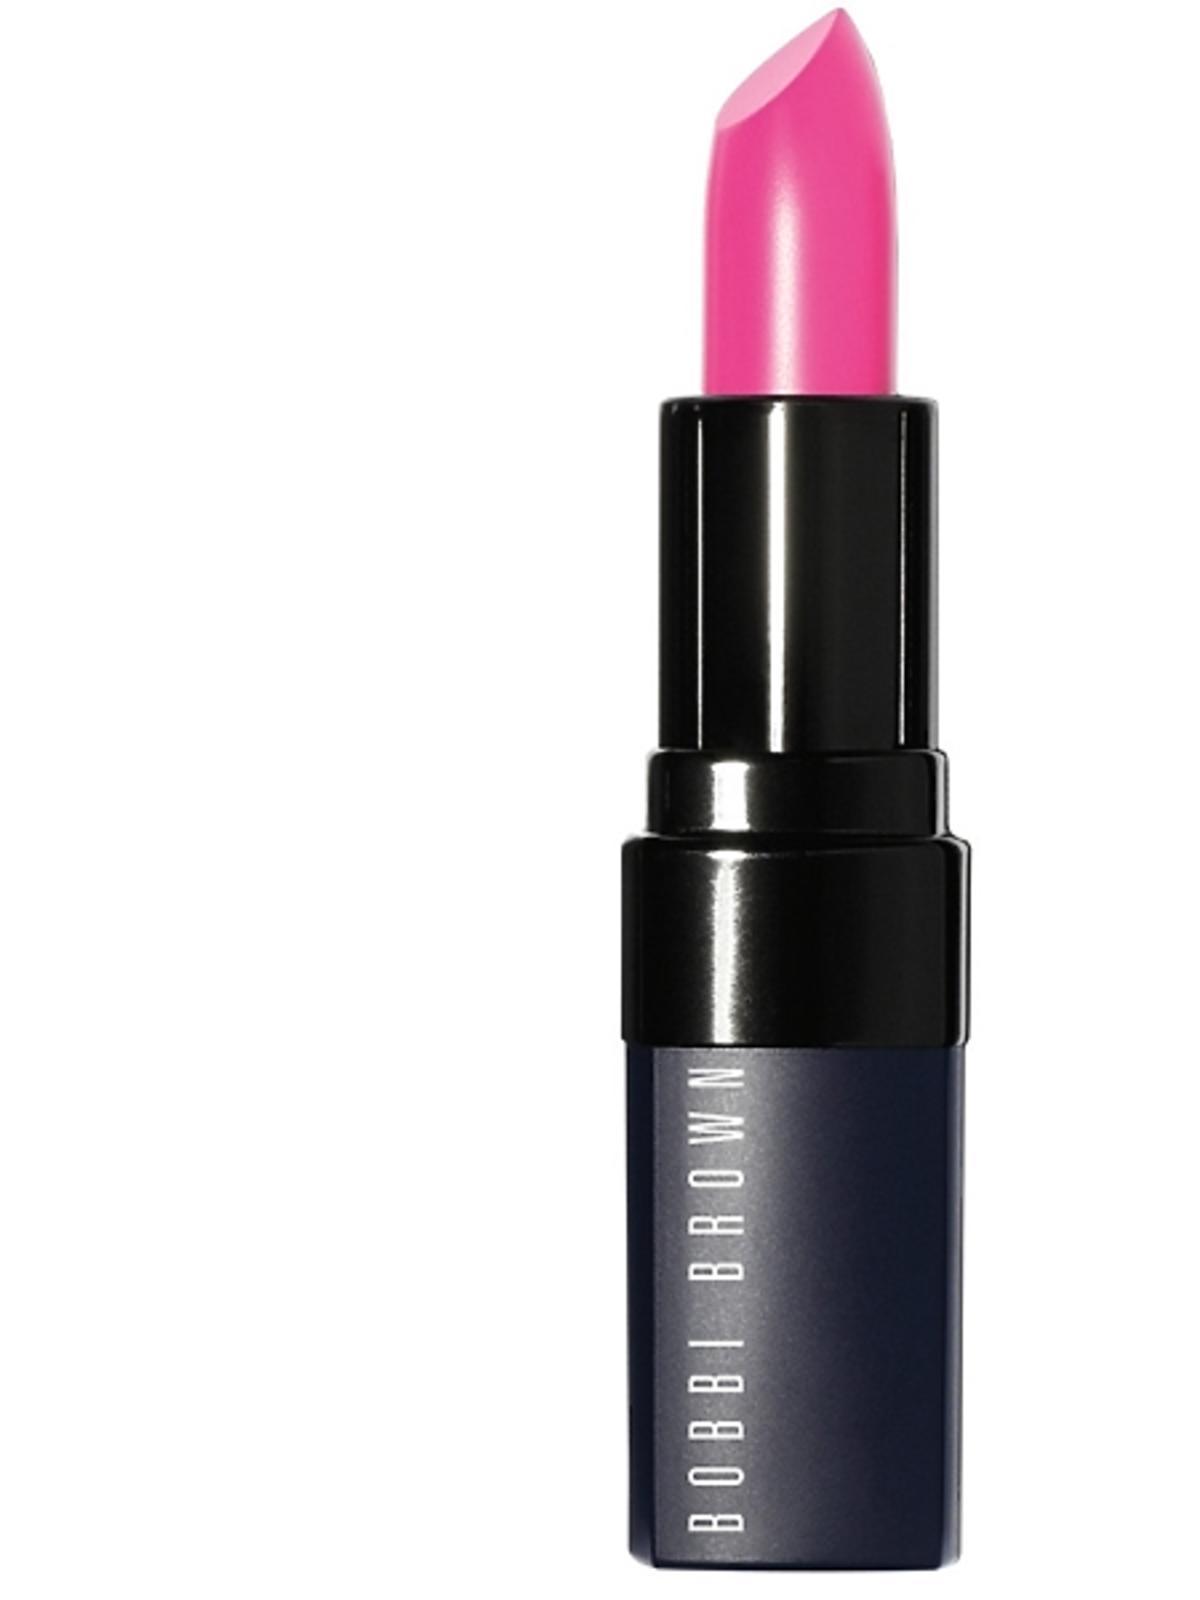 Różowa szminka do ust Bobbi brown (Ibiza Pink), cena